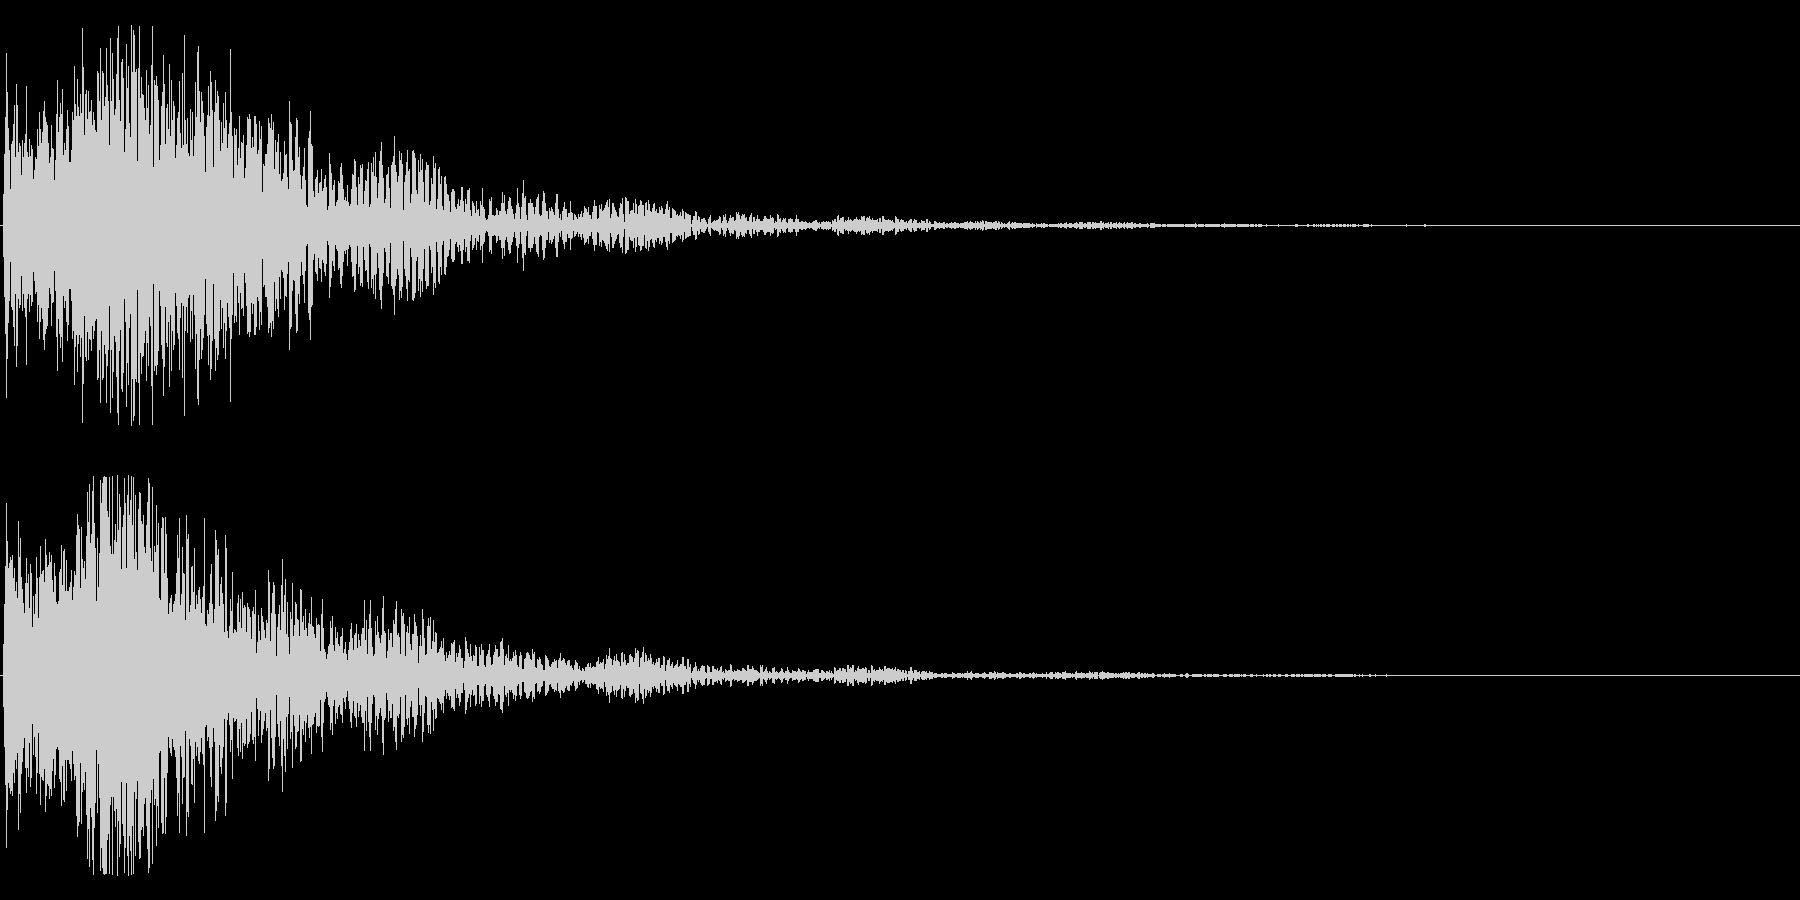 和風 オーケストラヒット ジングル!1bの未再生の波形